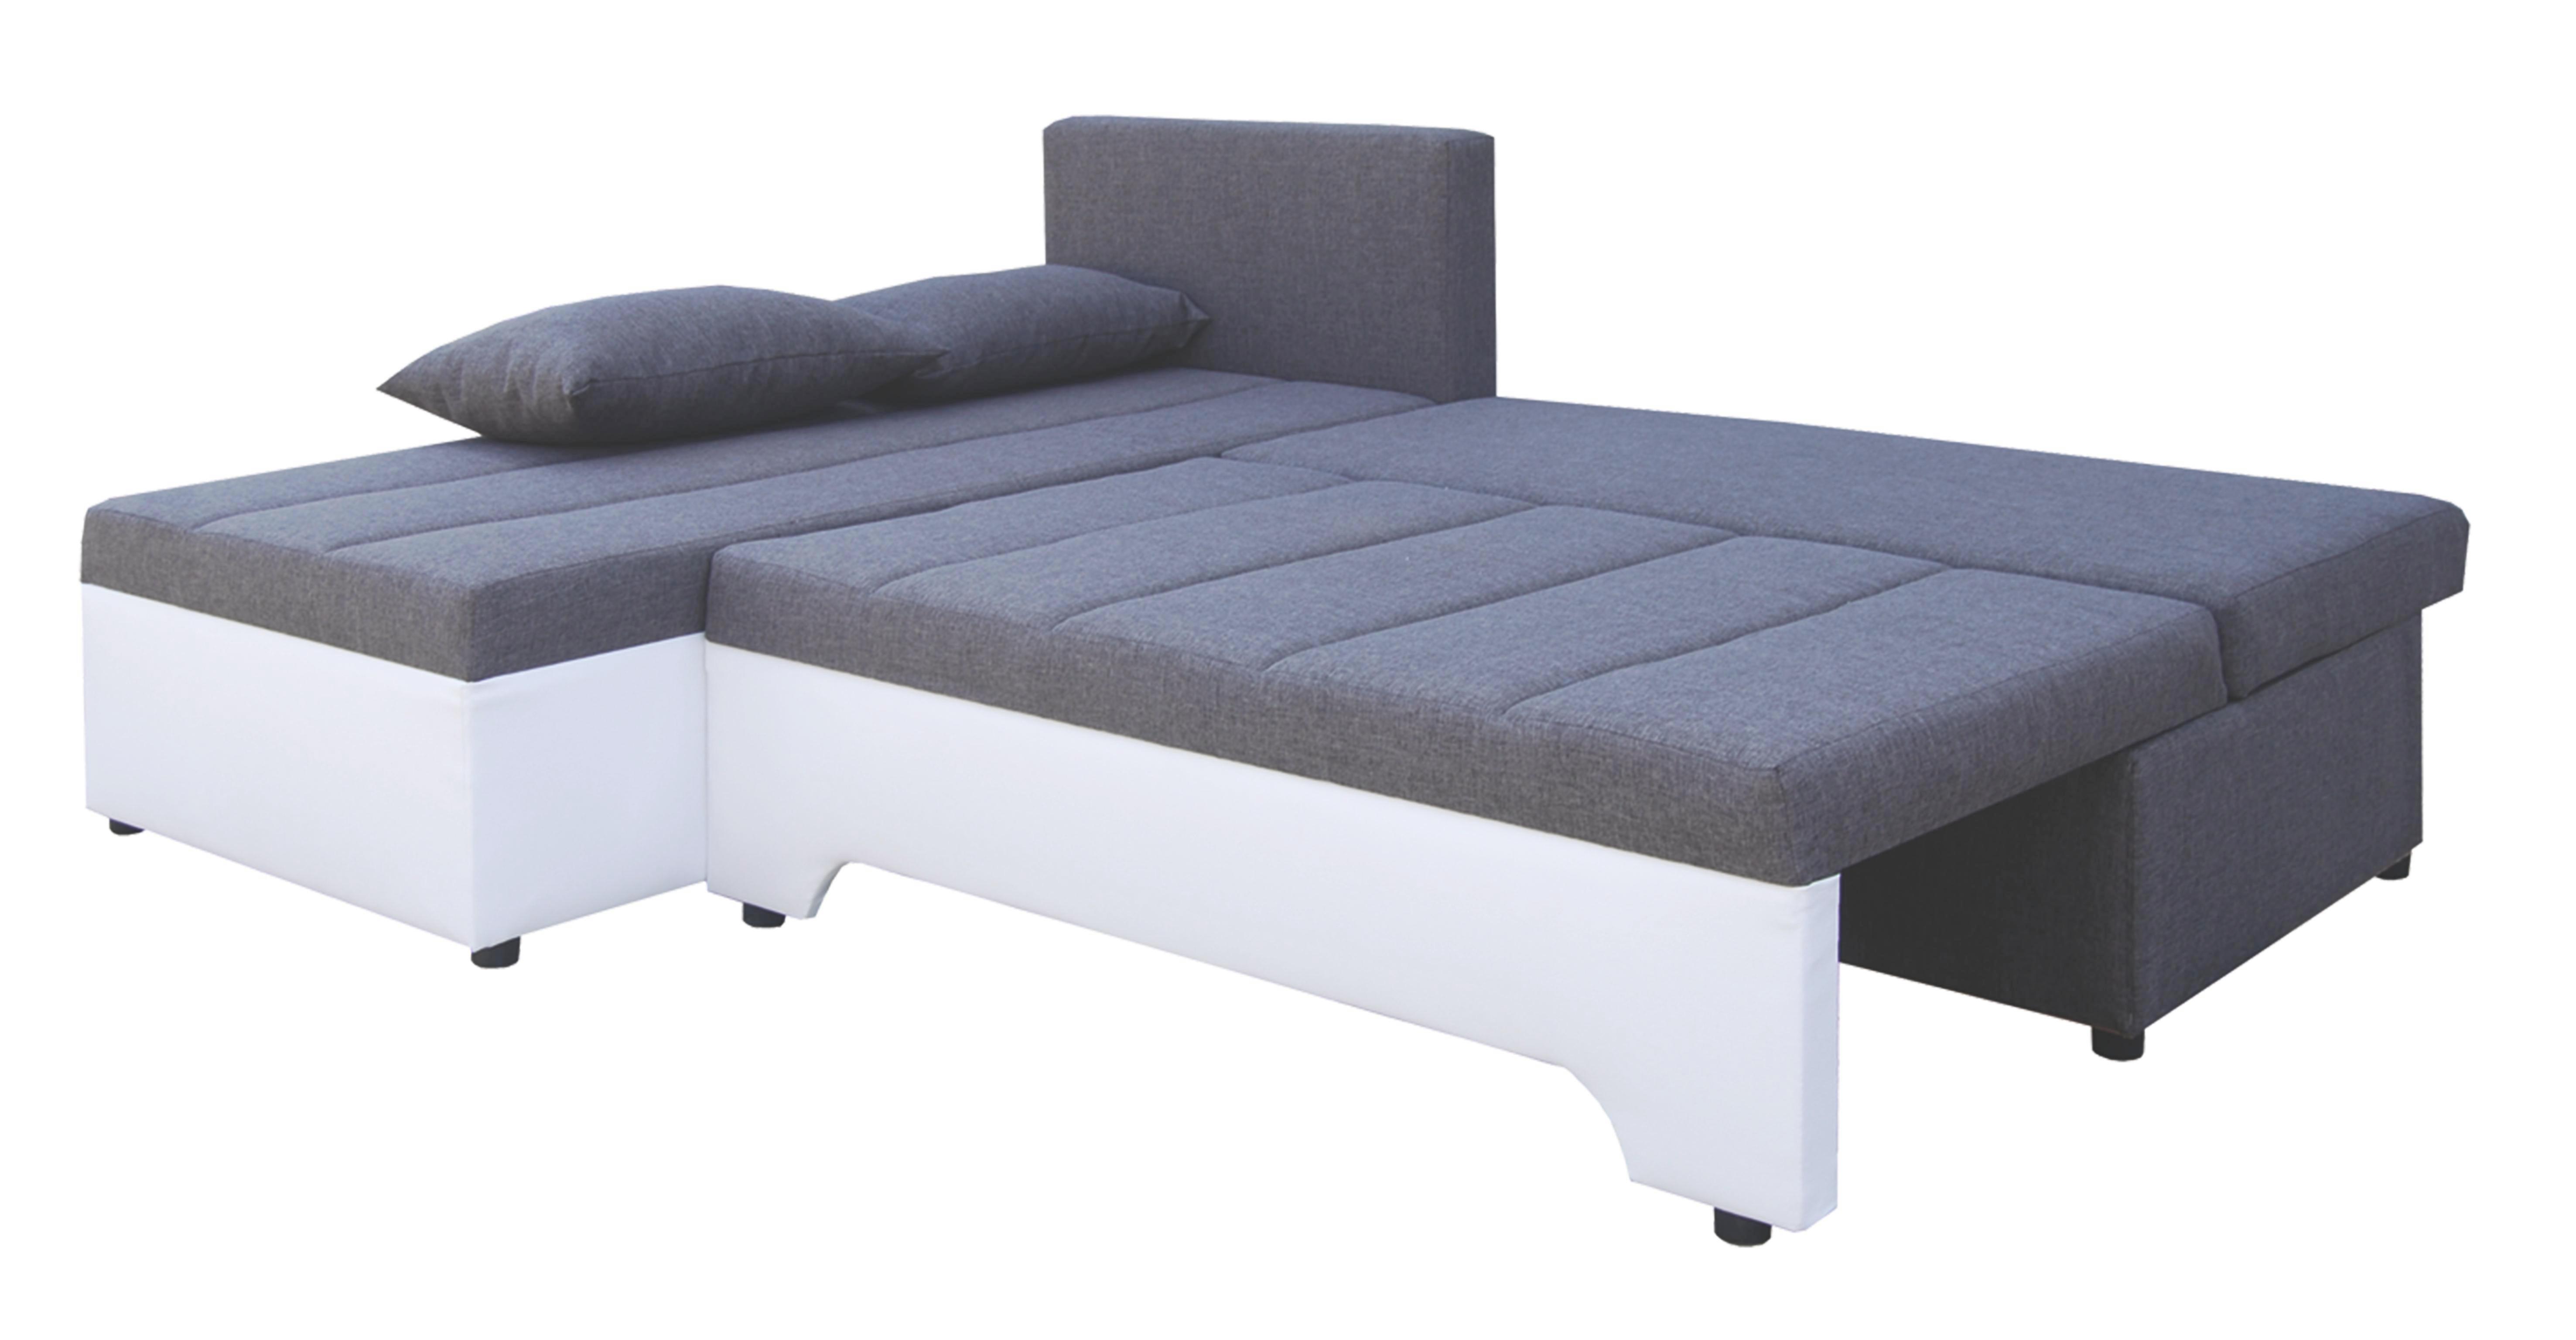 SEDEŽNA GARNITURA - siva/bela, Design, tekstil/les (200/160cm) - BOXXX